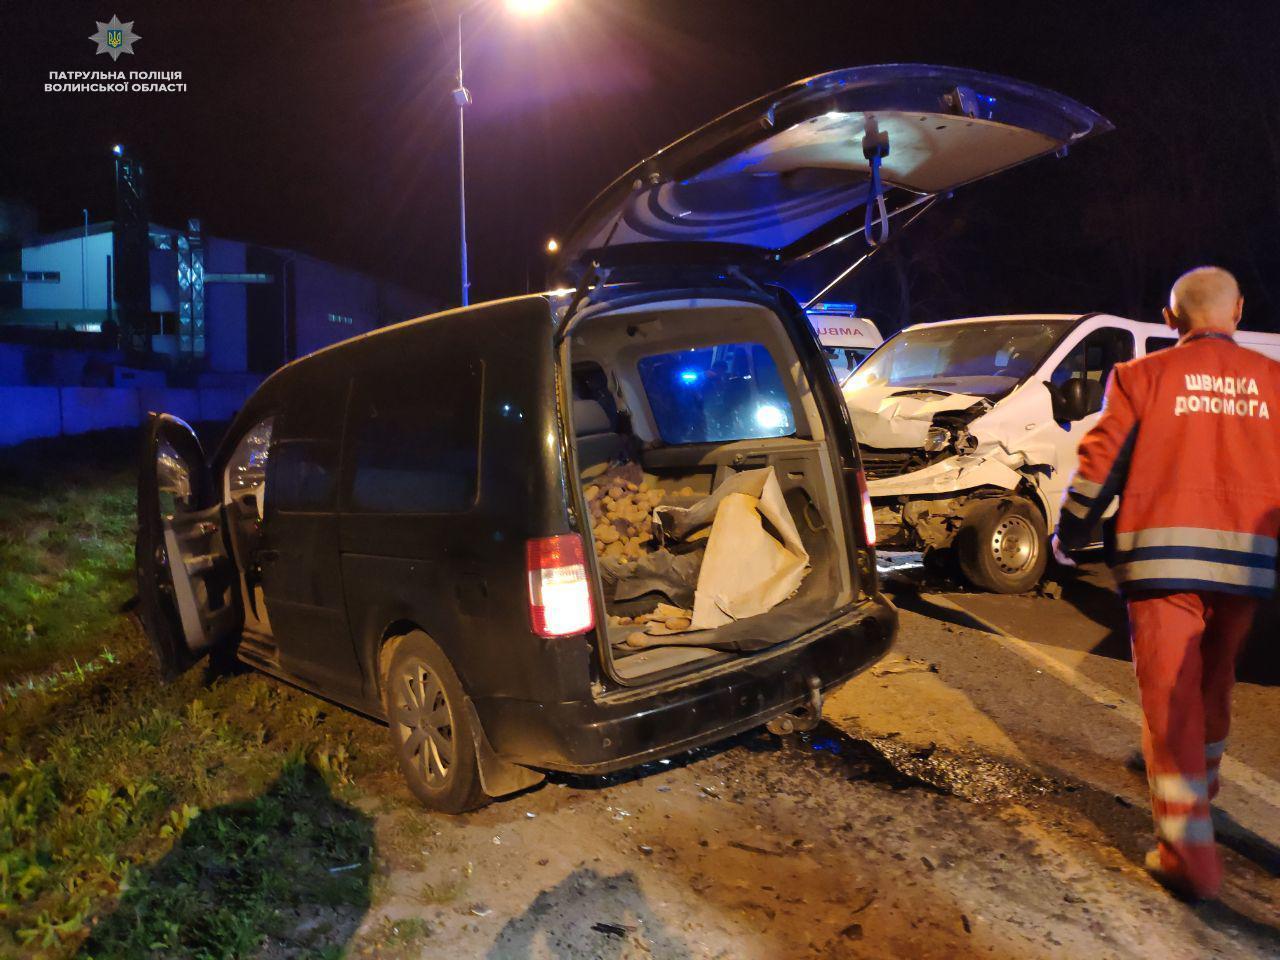 Лобове зіткнення: у нічній аварії під Луцьком травмувалися люди. ФОТО